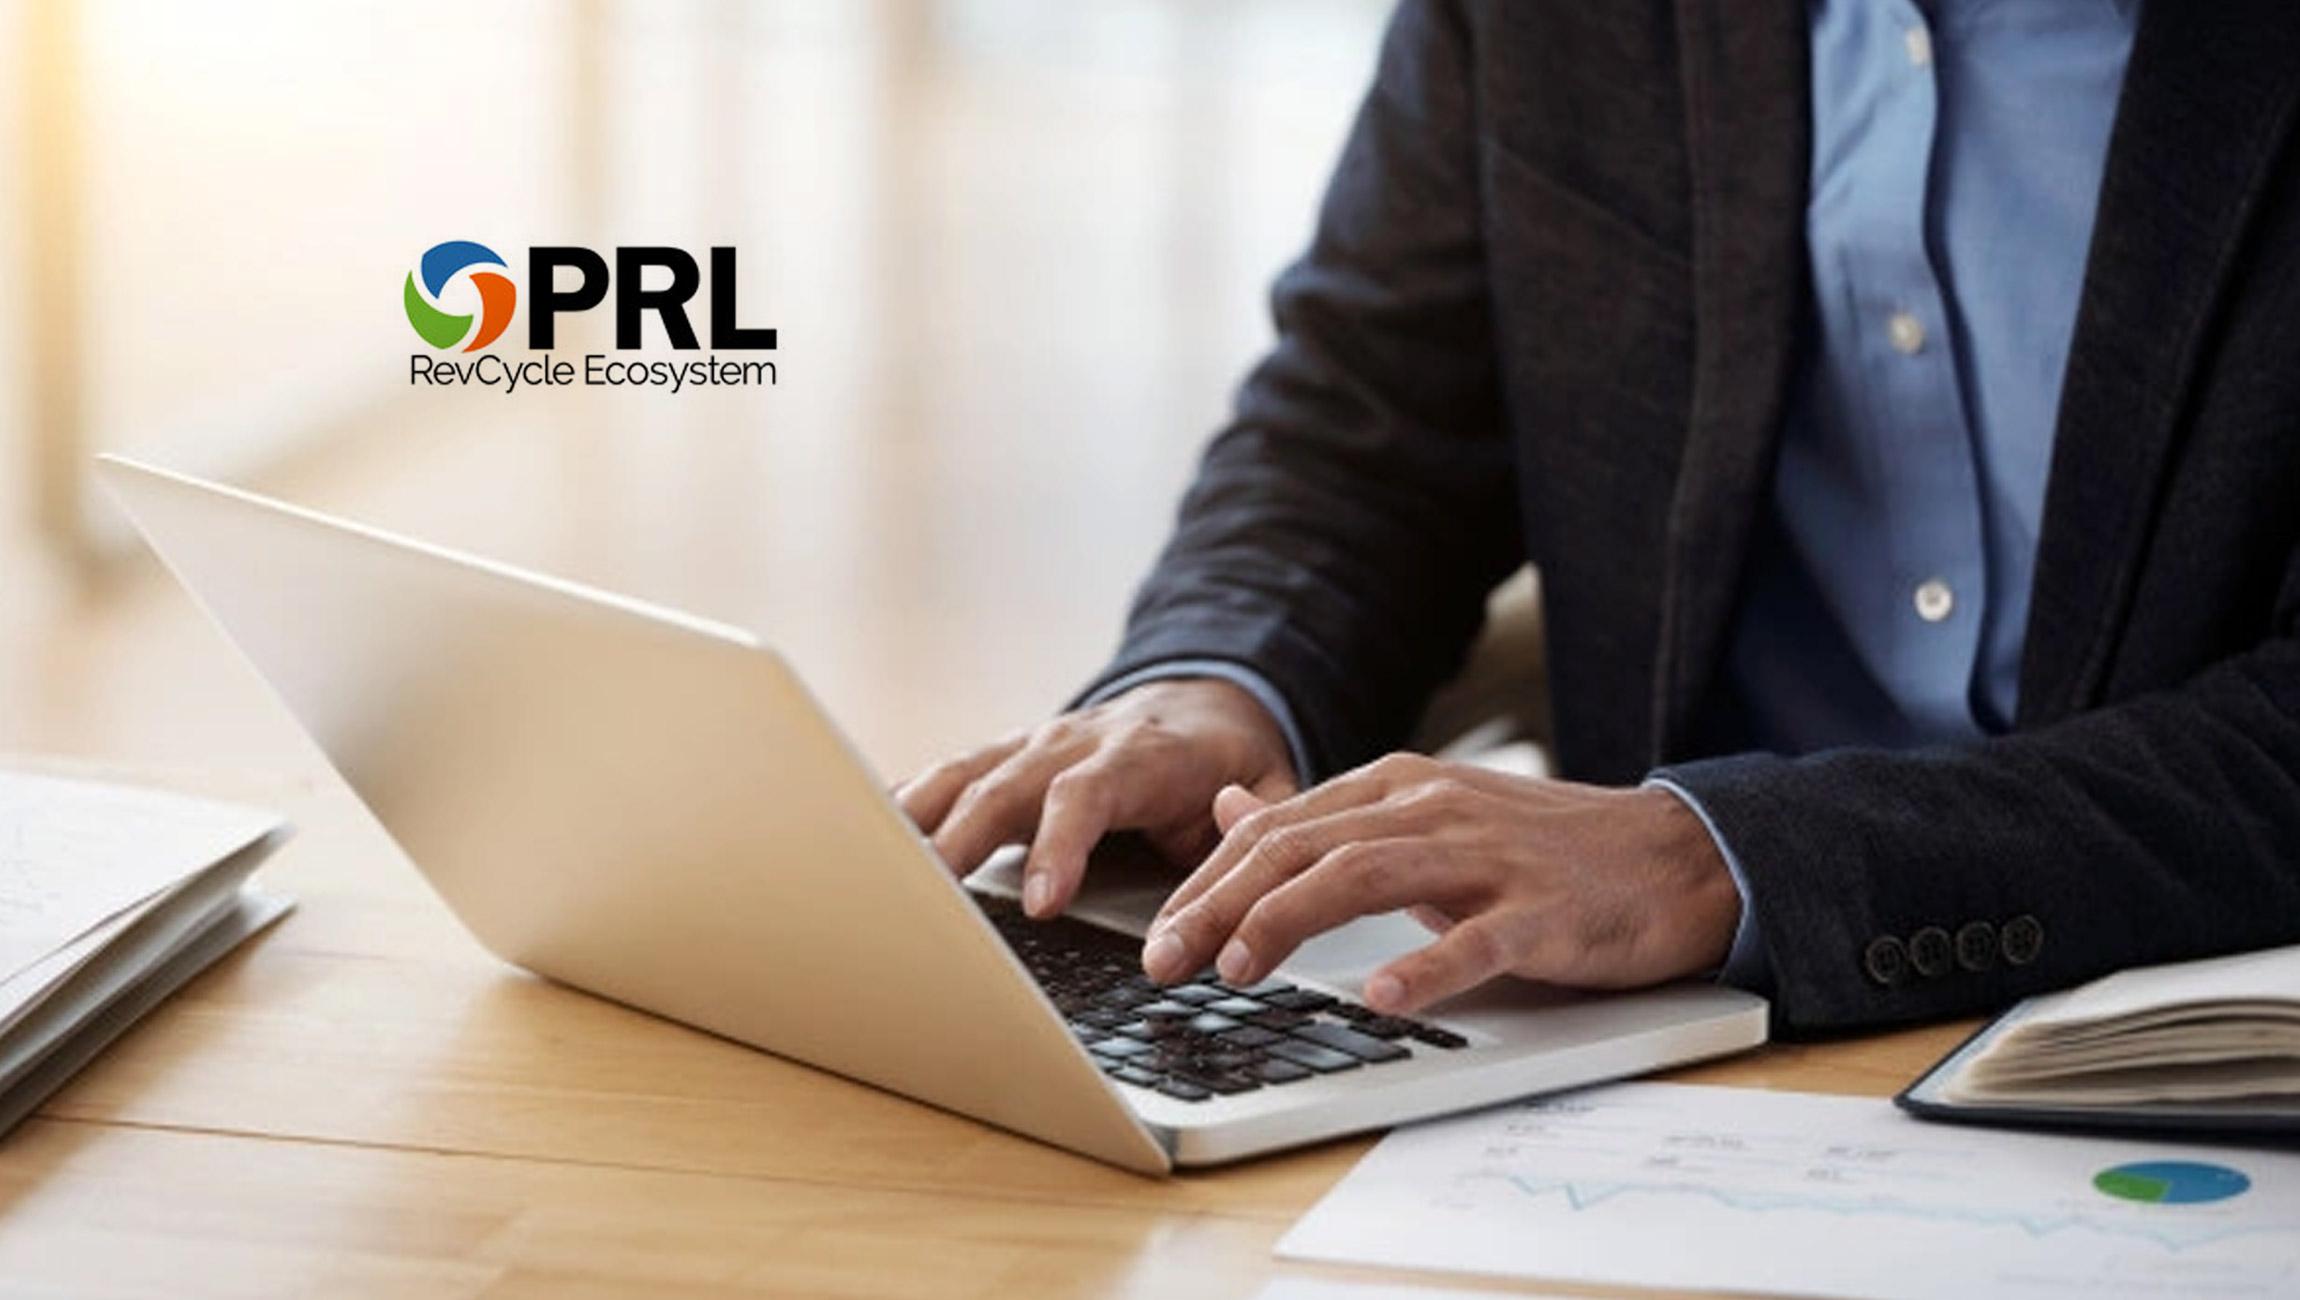 Physicians-Resources-LTD-Announces-Rebranding-as-PRL